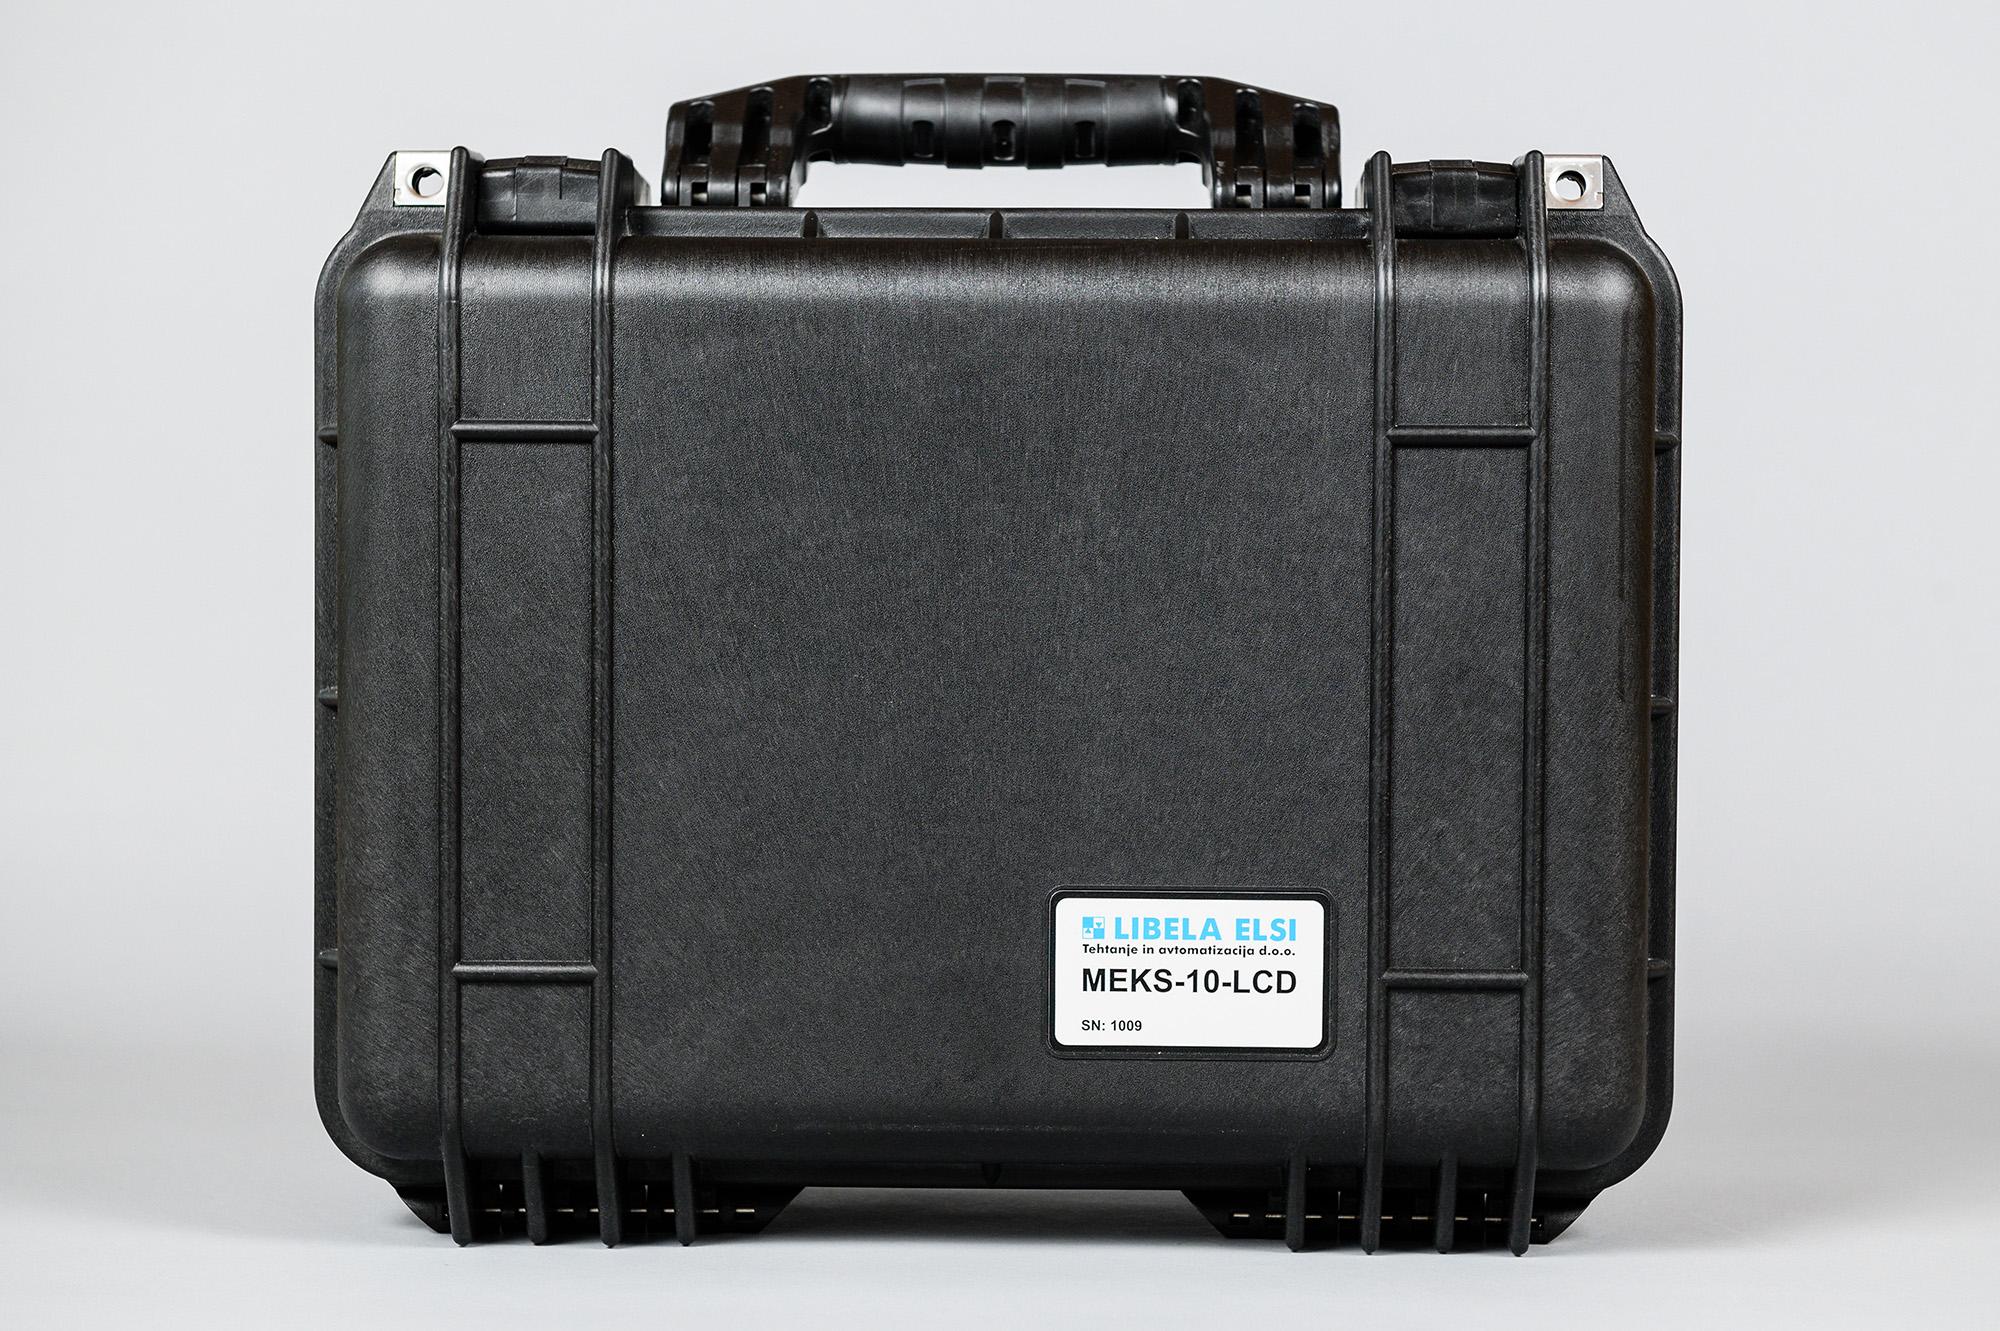 Meks-10-LCD